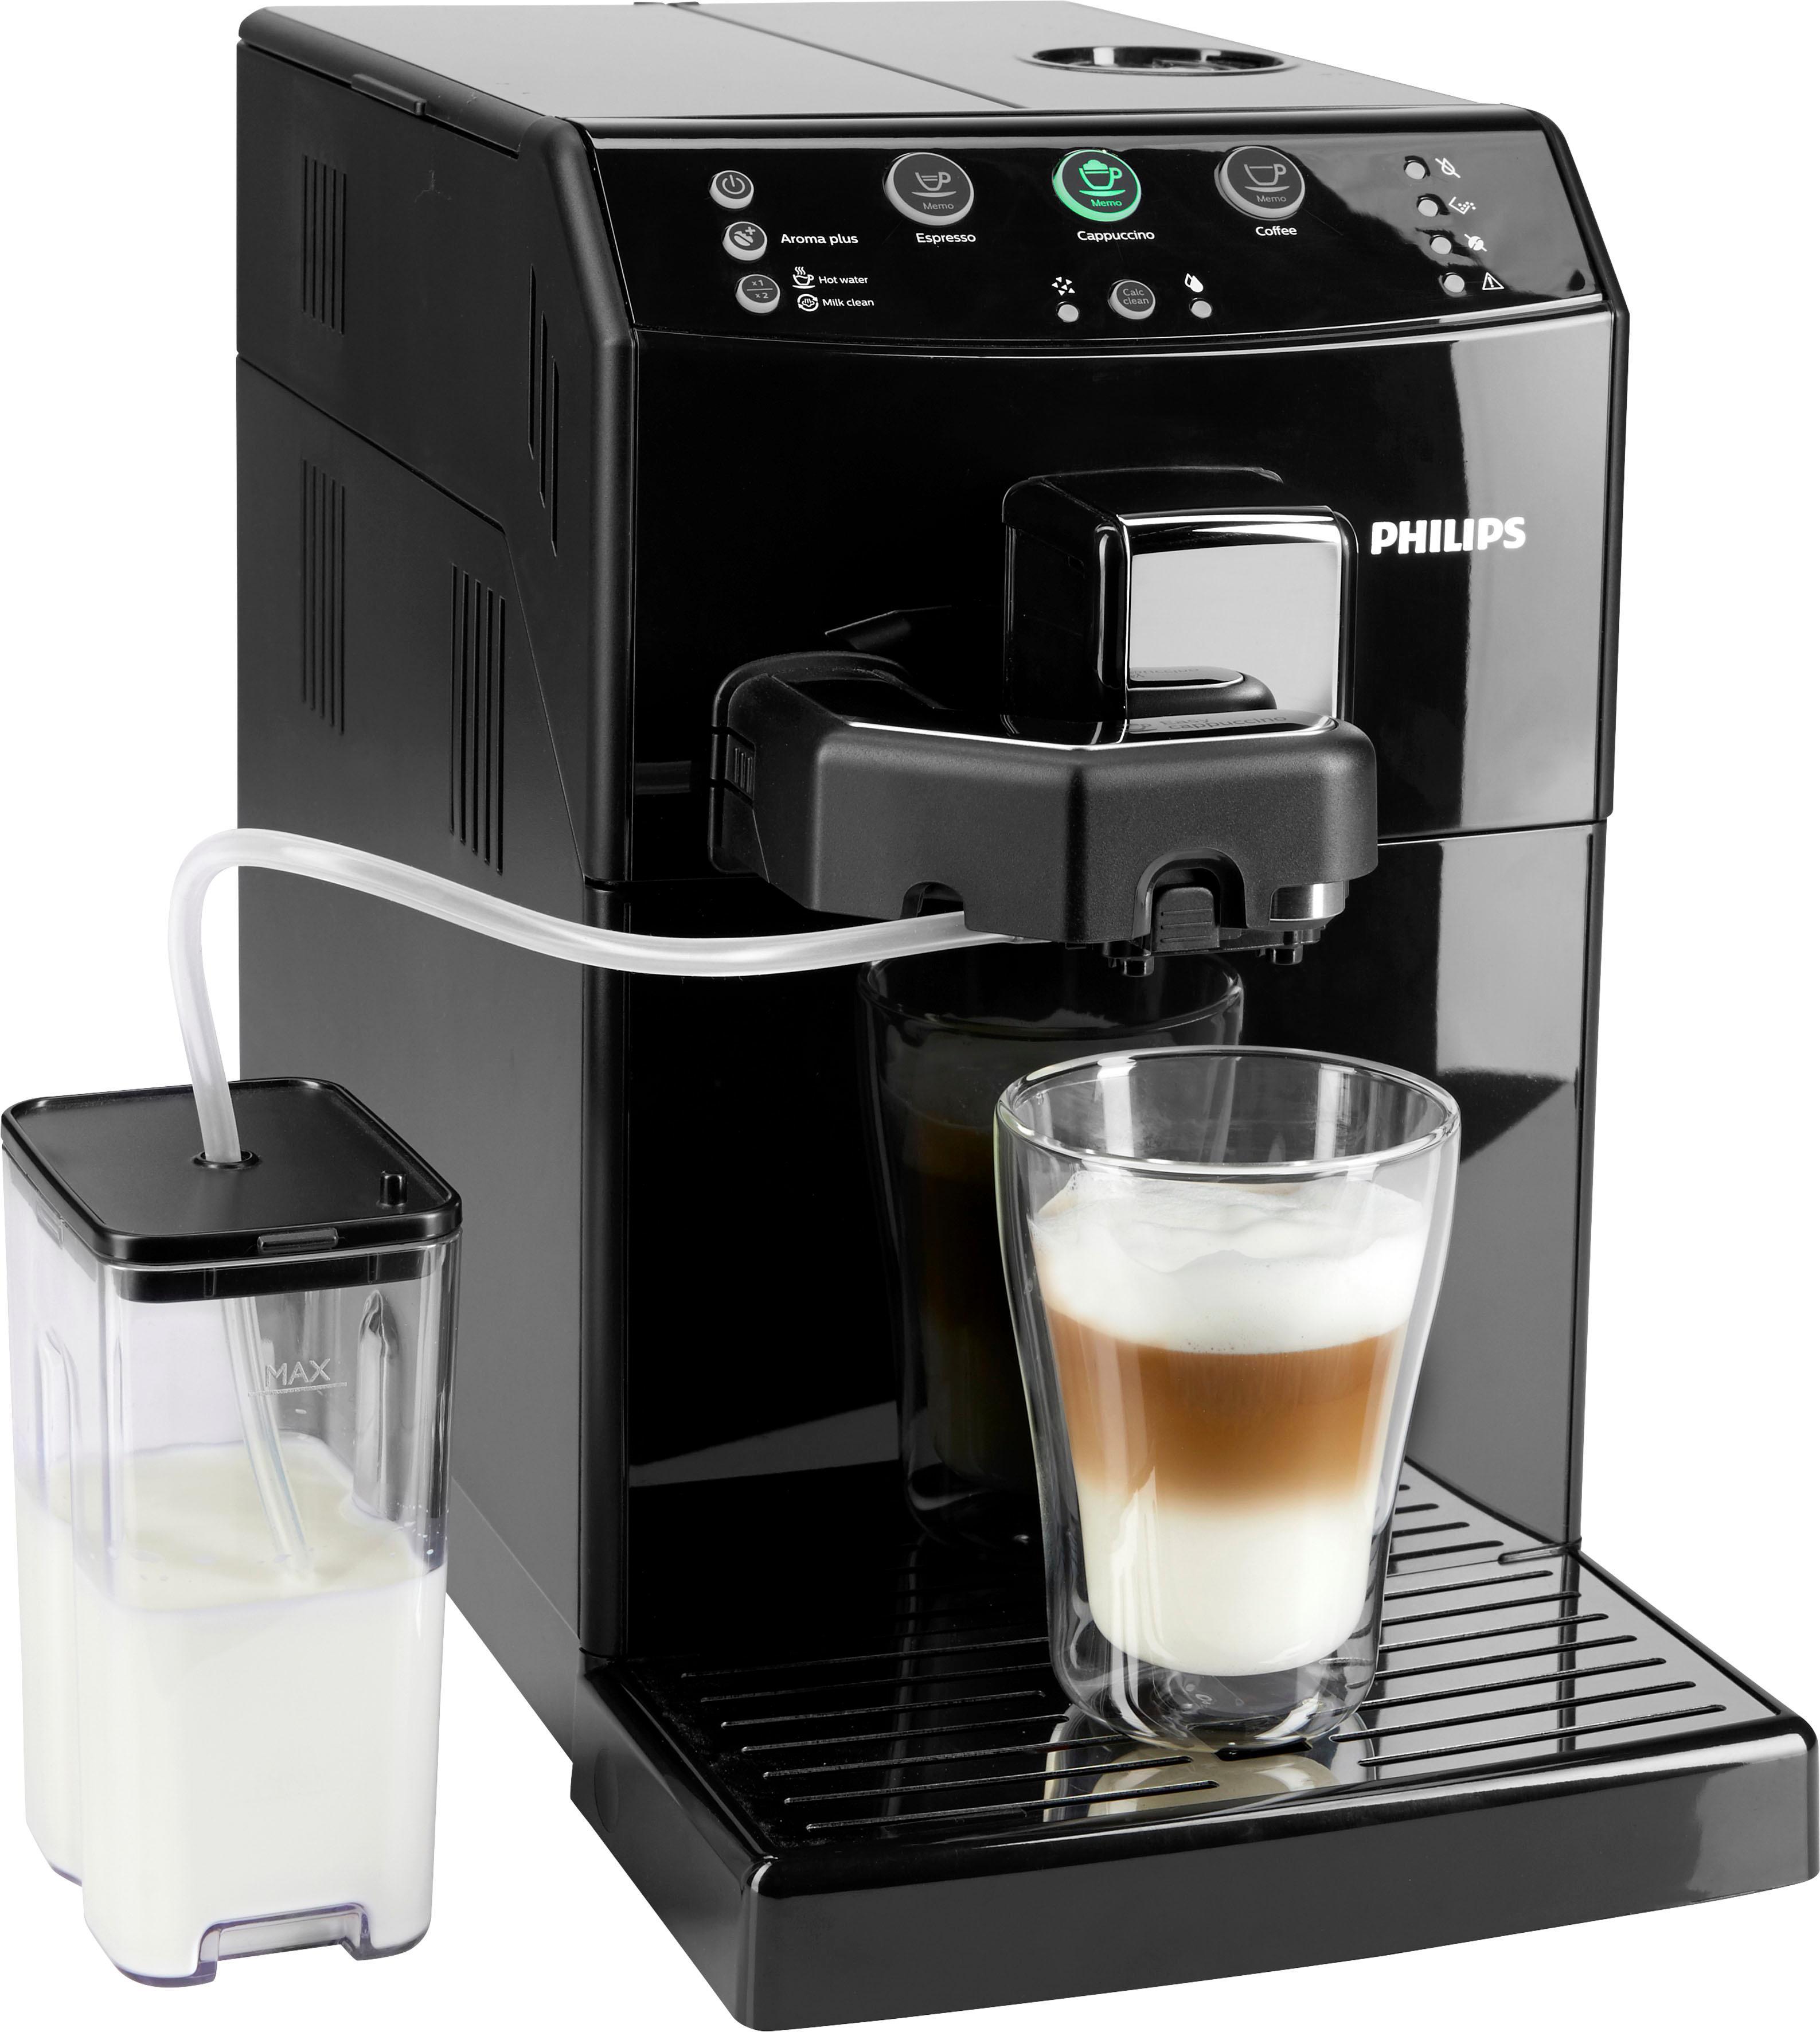 Philips Kaffeevollautomat 3000 Serie HD8830/10, 1,8l Tank, Scheibenmahlwerk | Küche und Esszimmer > Kaffee und Tee > Kaffeevollautomaten | Schwarz | PHILIPS